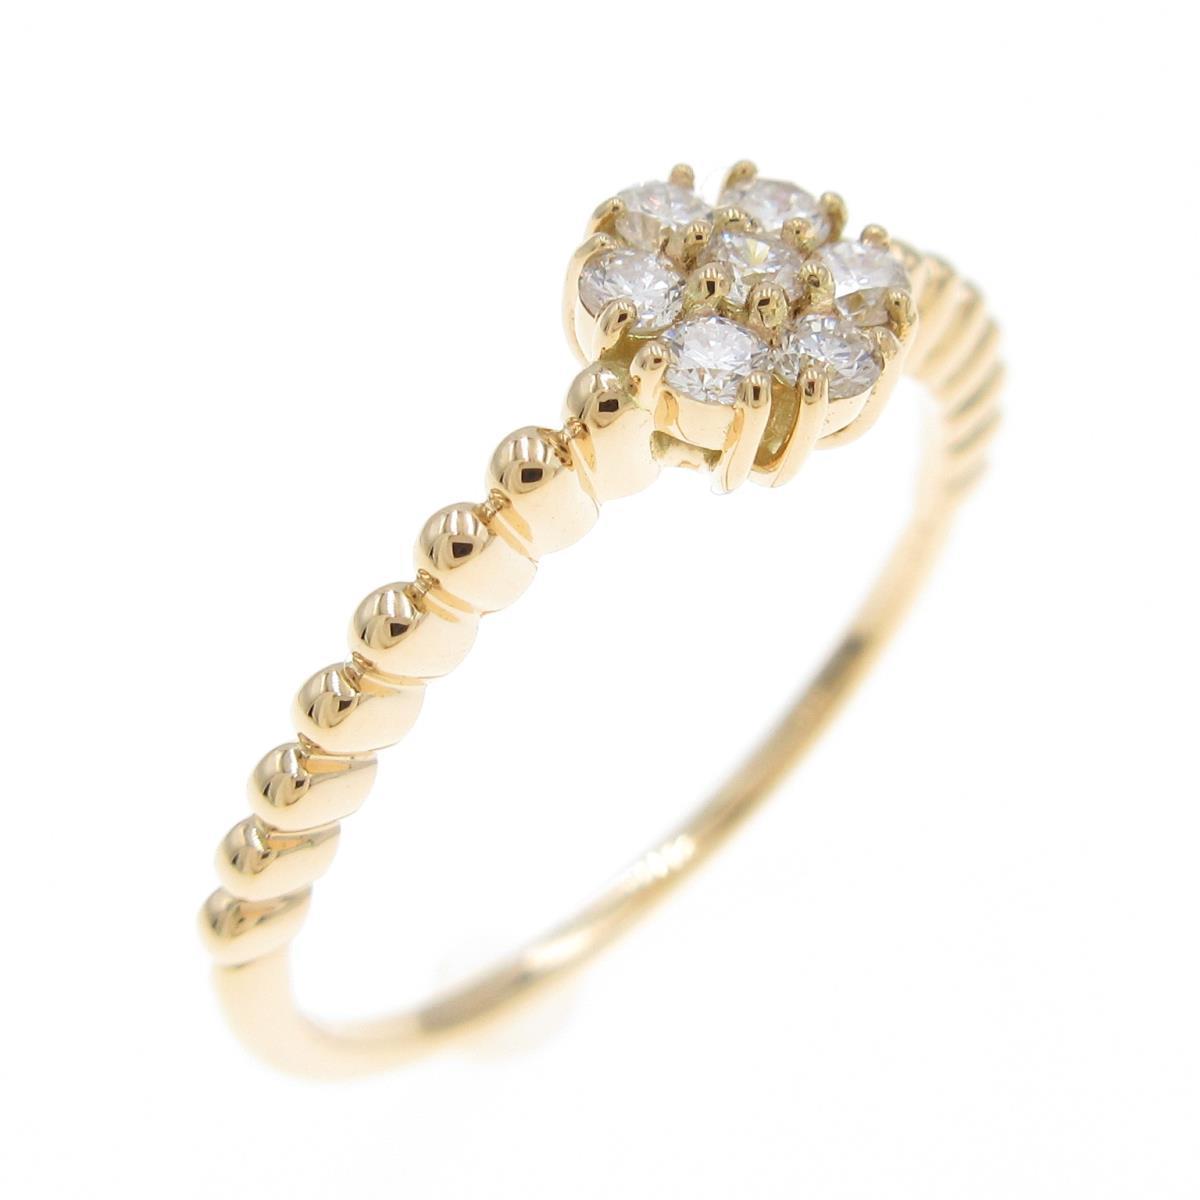 リメイク 新作製品 世界最高品質人気 K18YG フラワー 中古 ダイヤモンドリング 価格交渉OK送料無料